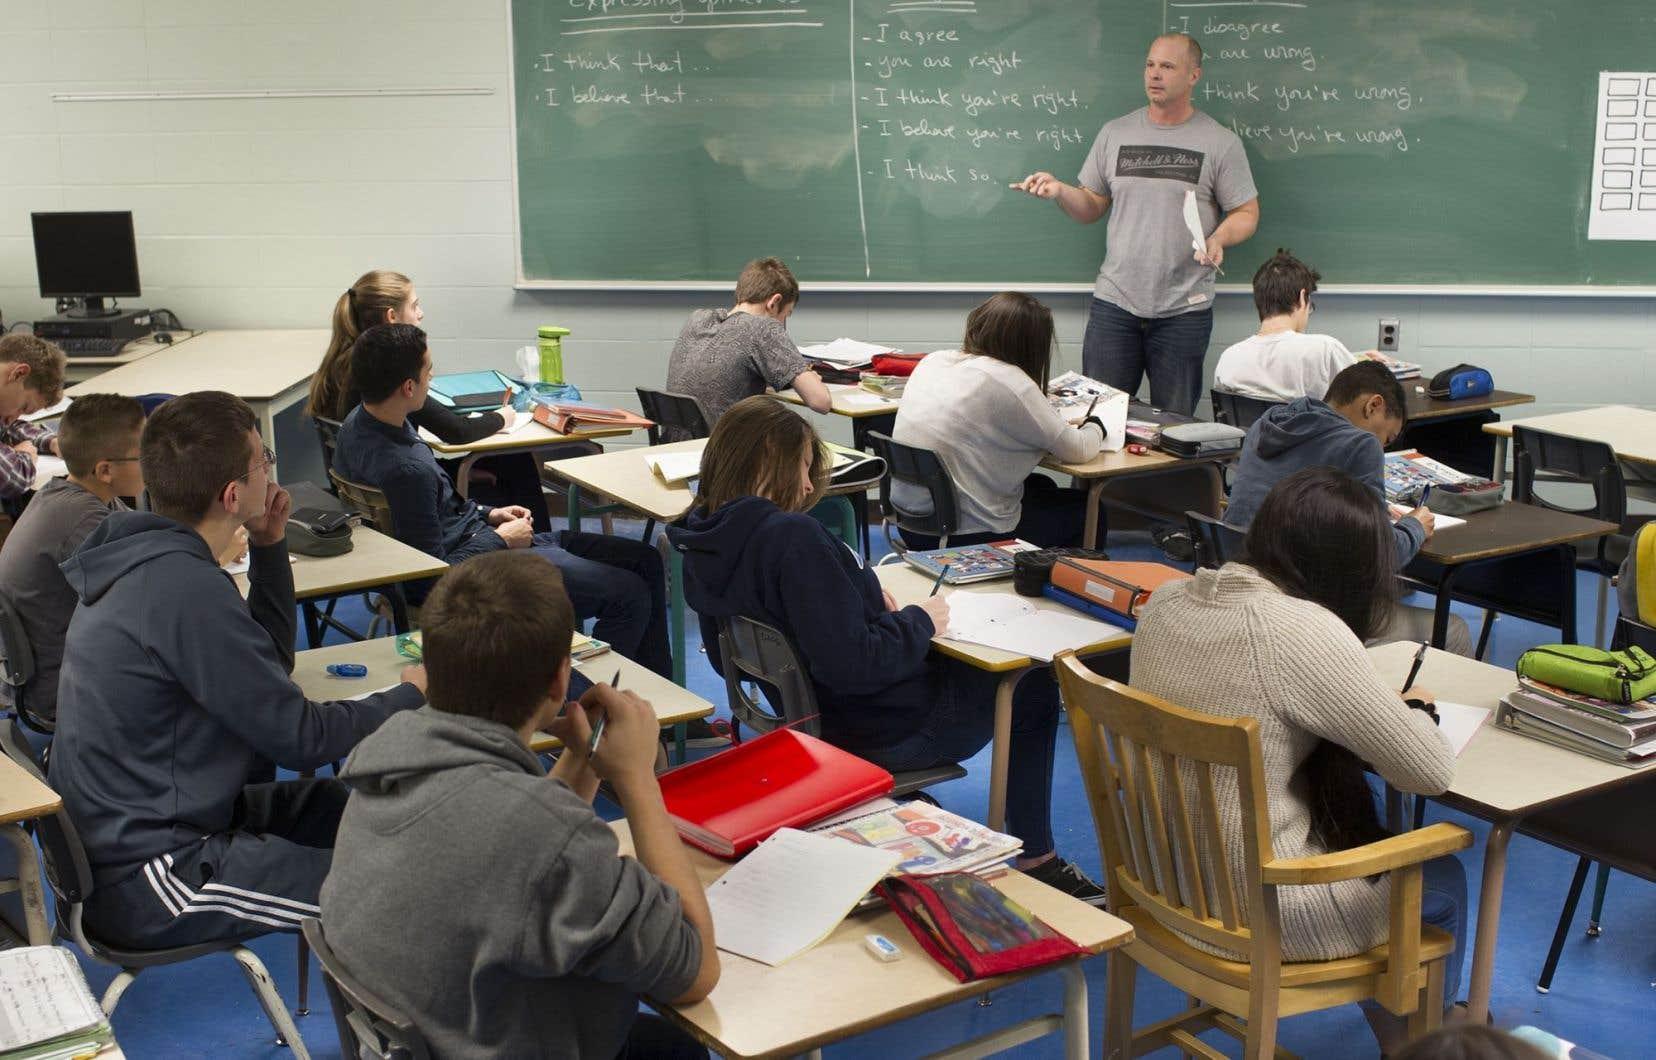 De l'année scolaire 2014-2015 à la suivante, le financement reçu par les 20 instances régionales de concertation de la province est passé de 18,8 à 7,4 millions de dollars.